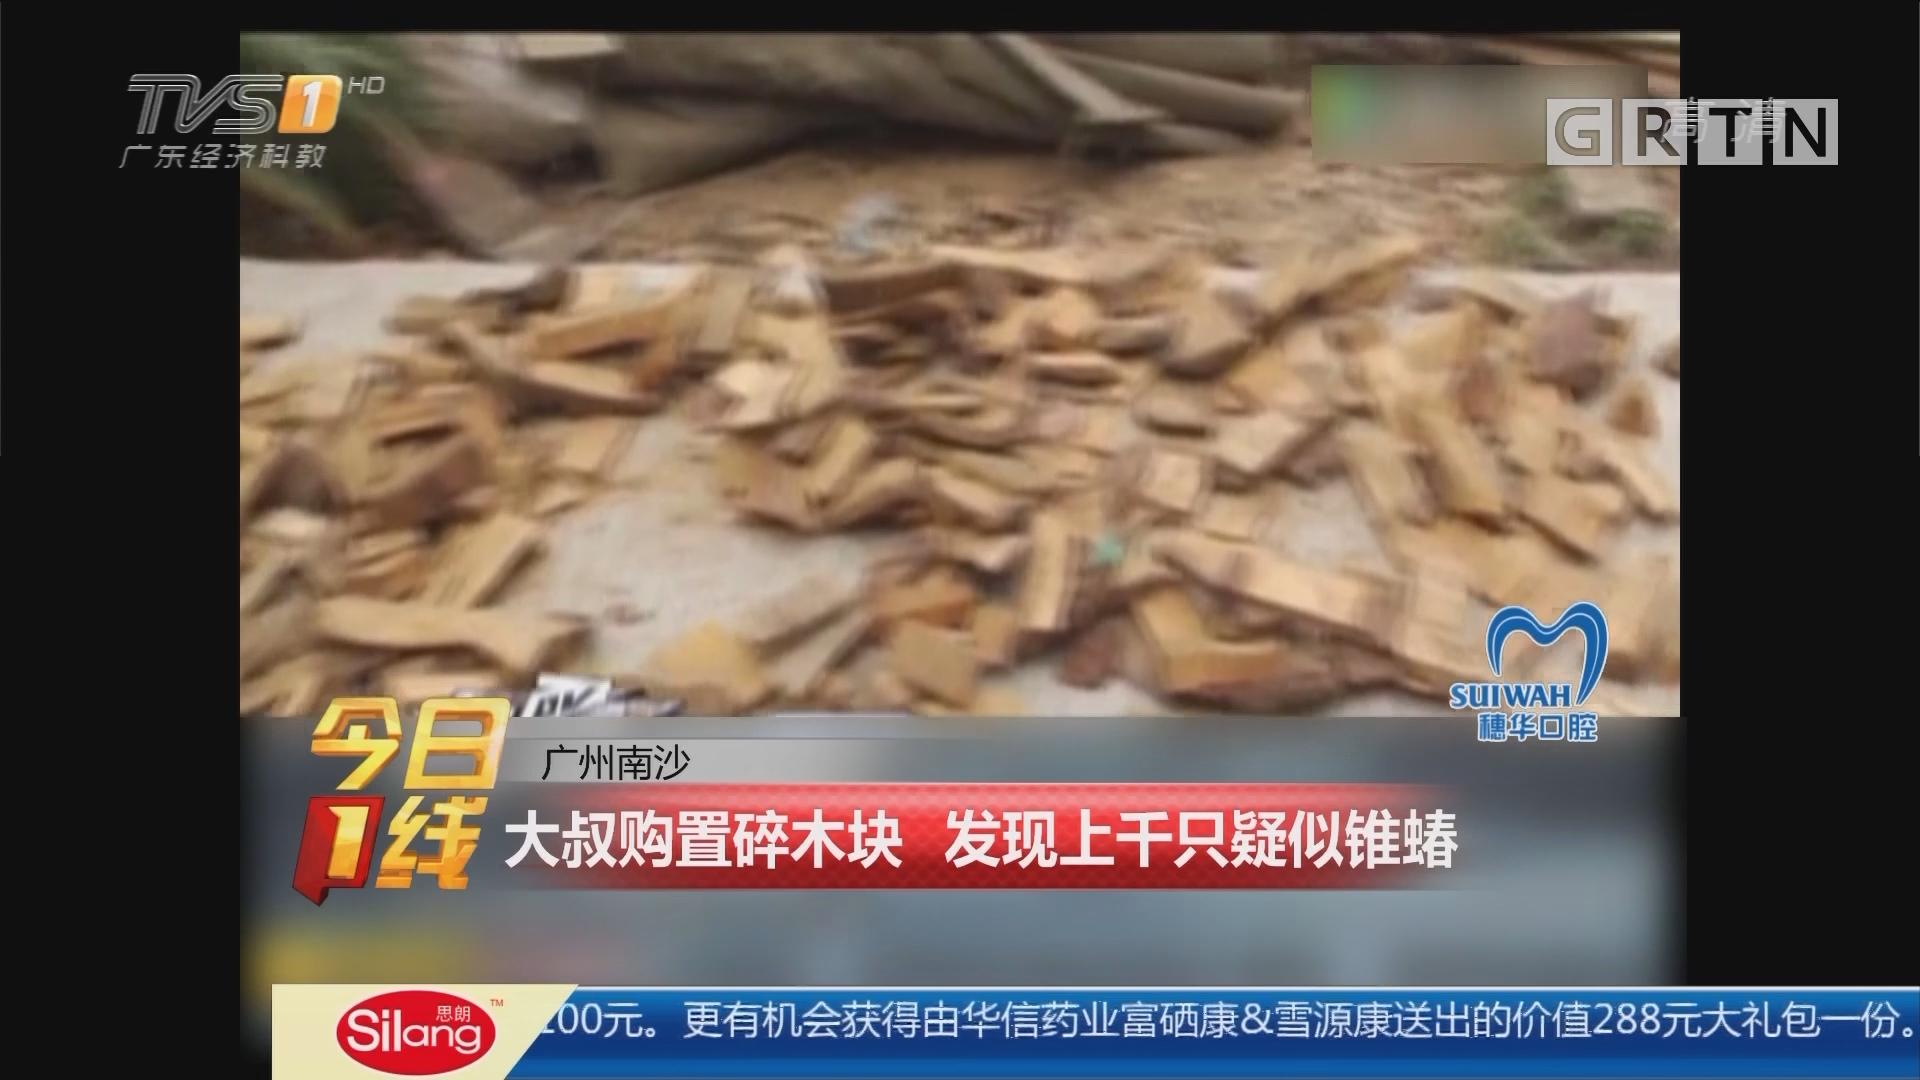 广州南沙:大叔购置碎木块 发现上千只疑似锥蝽